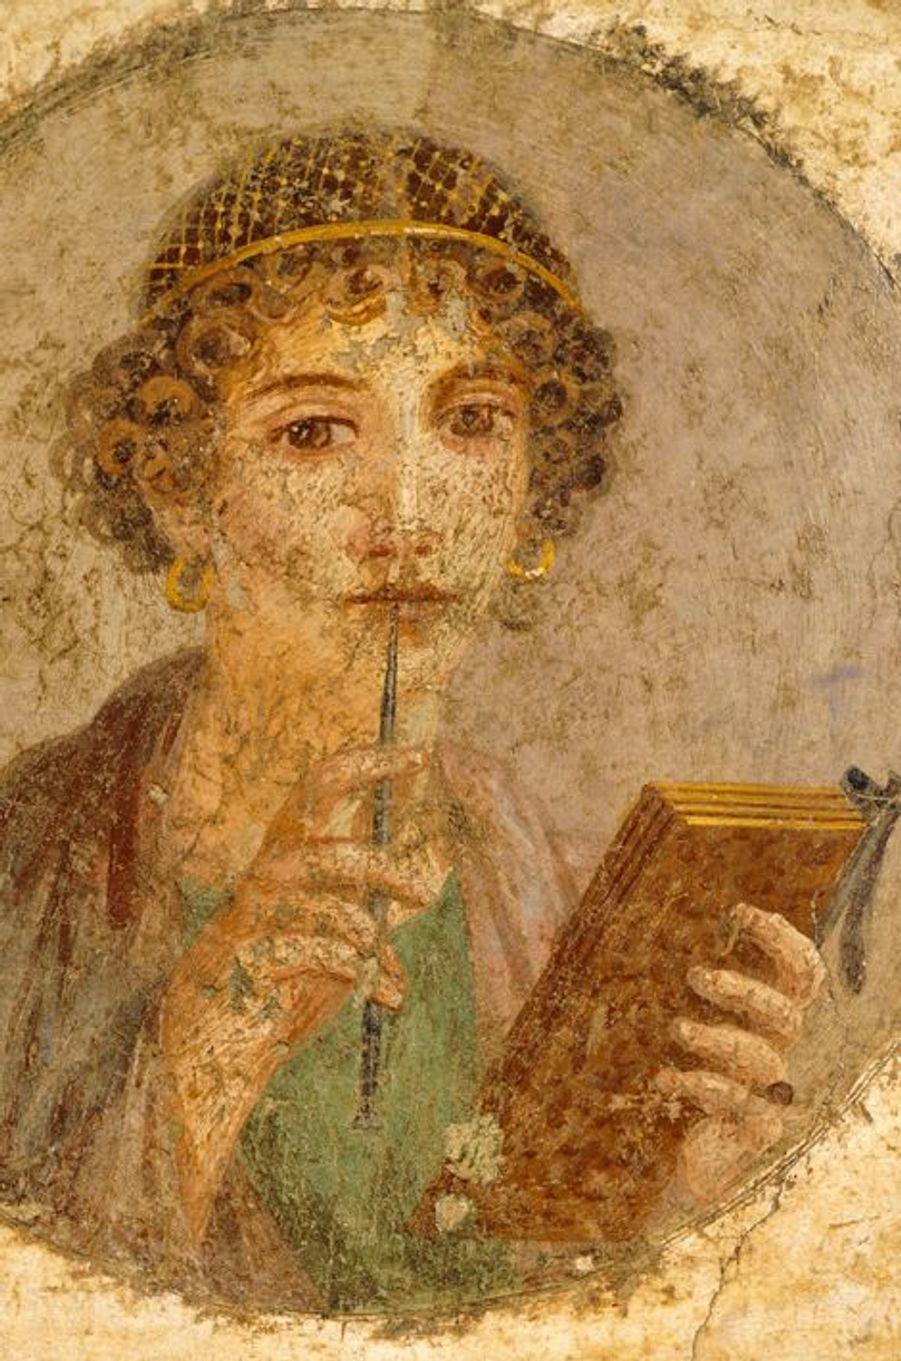 Une jeune femme de Pompei